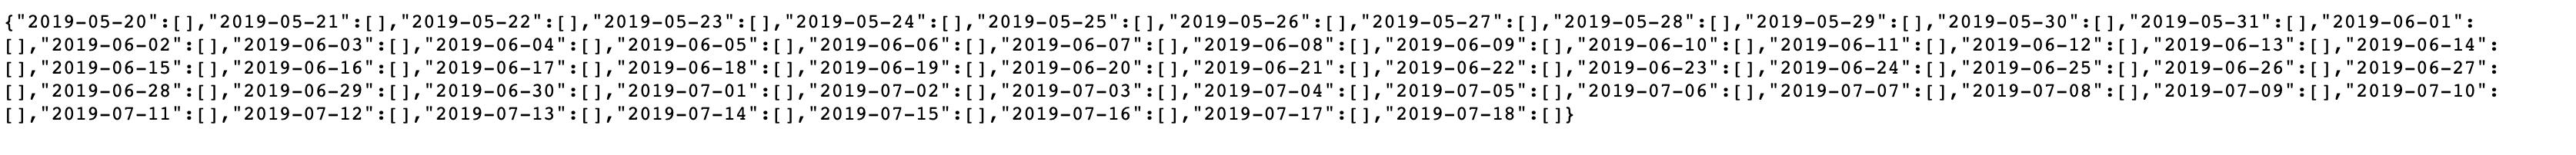 Screen Shot 2019-07-19 at 10 54 31 PM